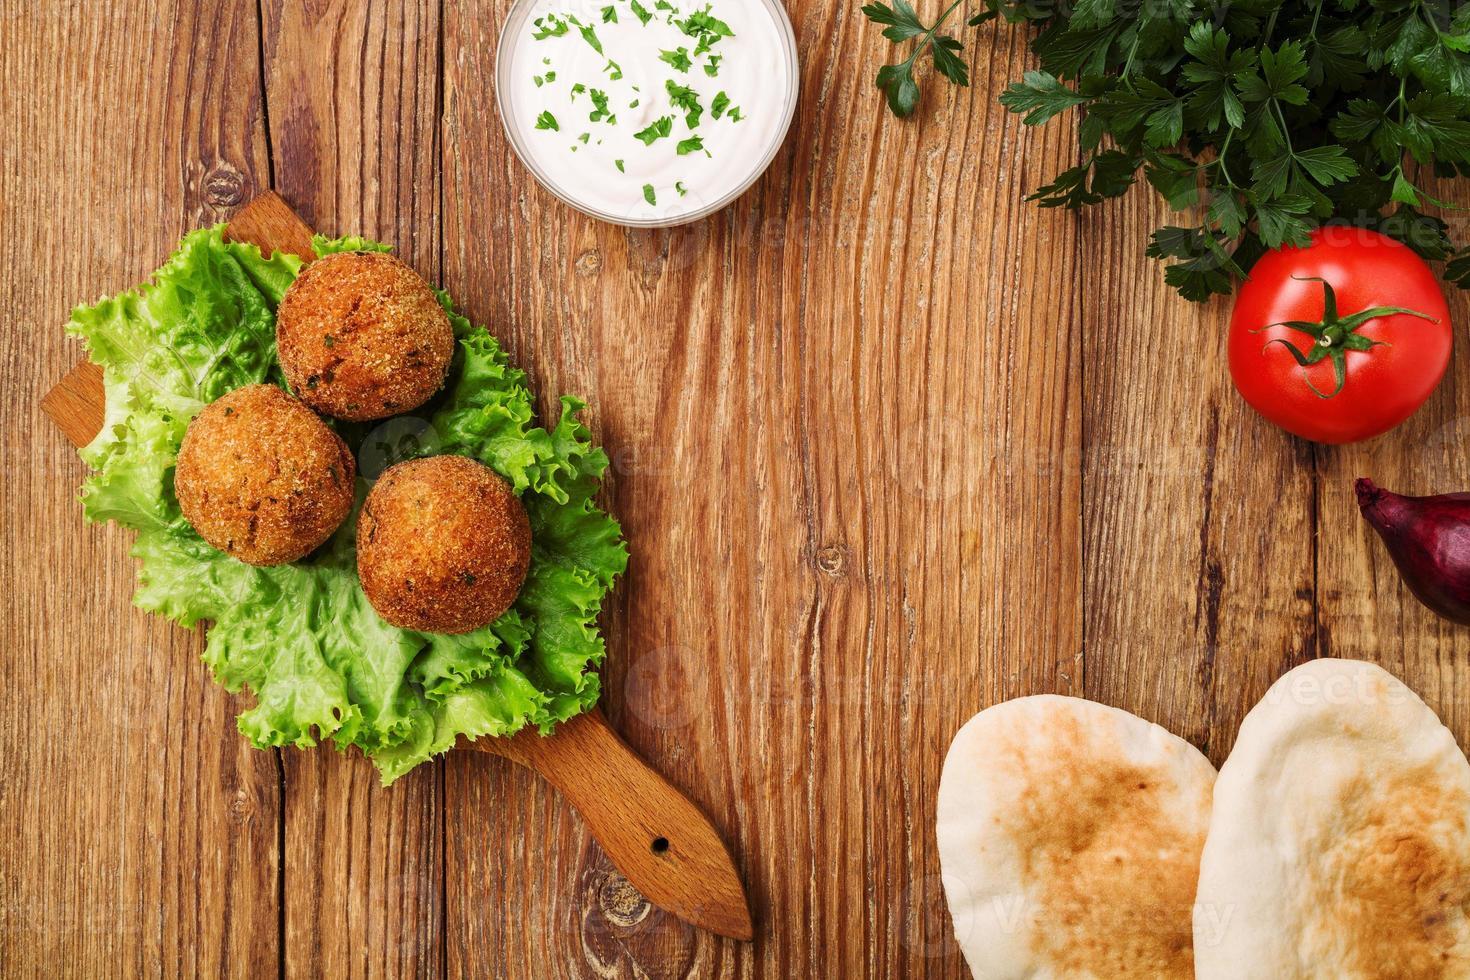 kikkererwten falafel ballen op een houten bureau met groenten foto